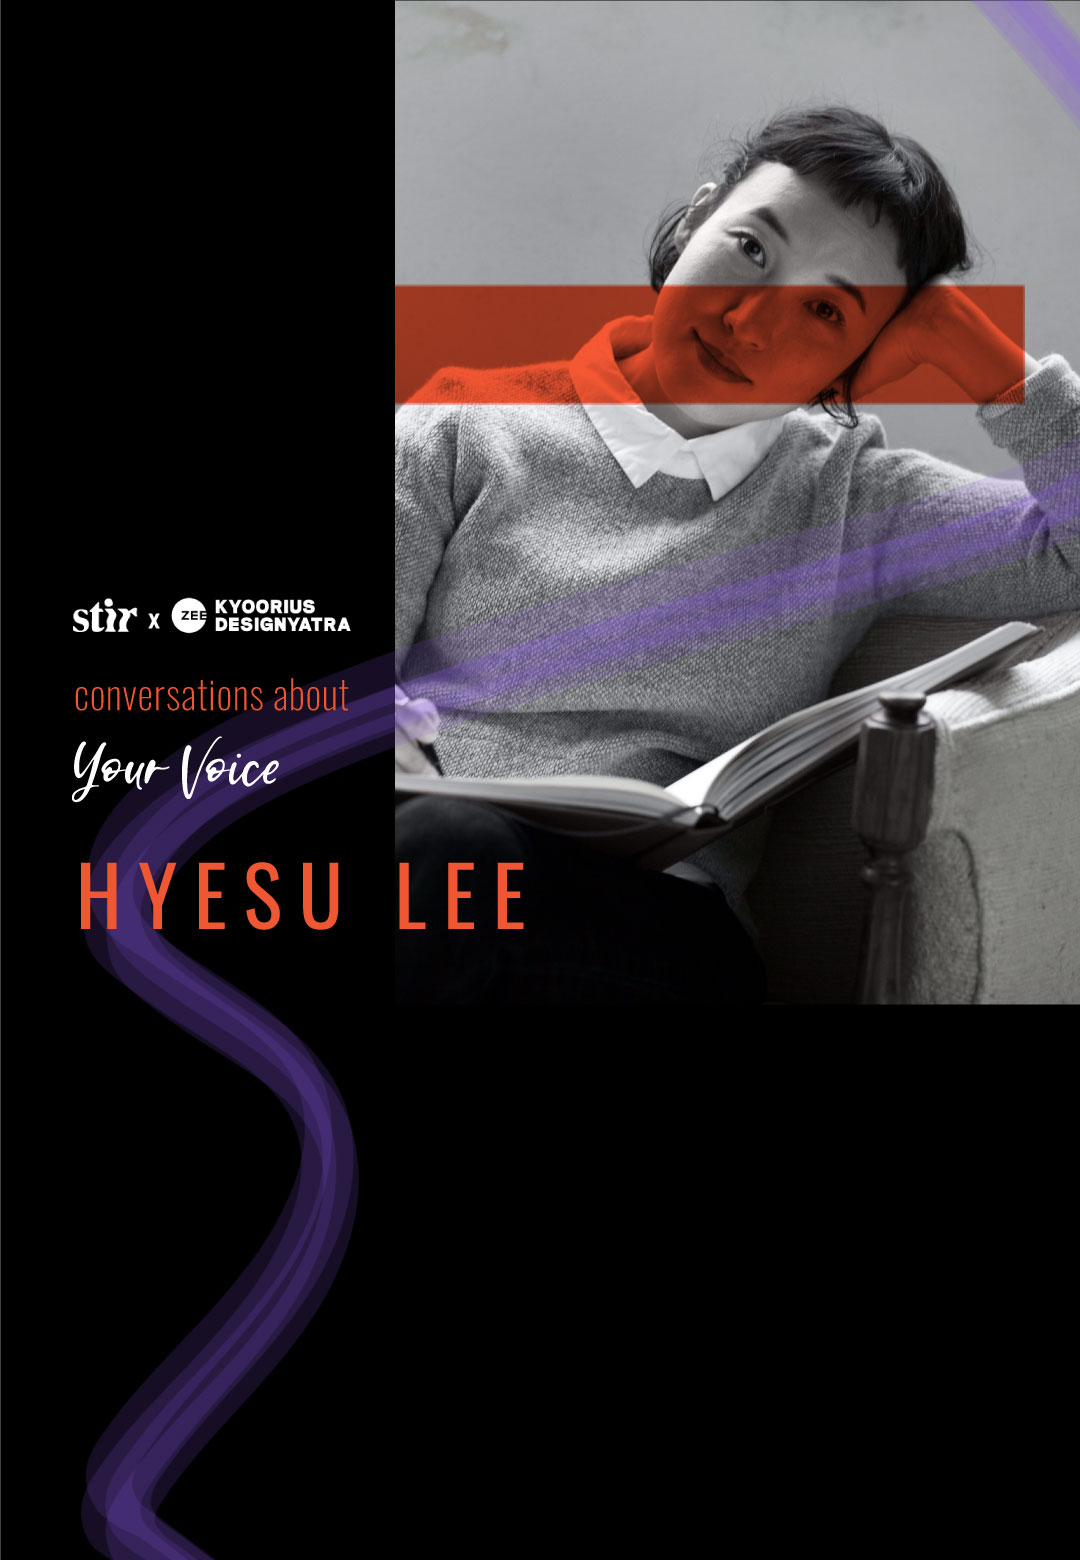 STIR in conversation with Hyesu Lee | Conversations About Your Voice | STIR X Kyoorius Designyatra 2020 | STIRworld